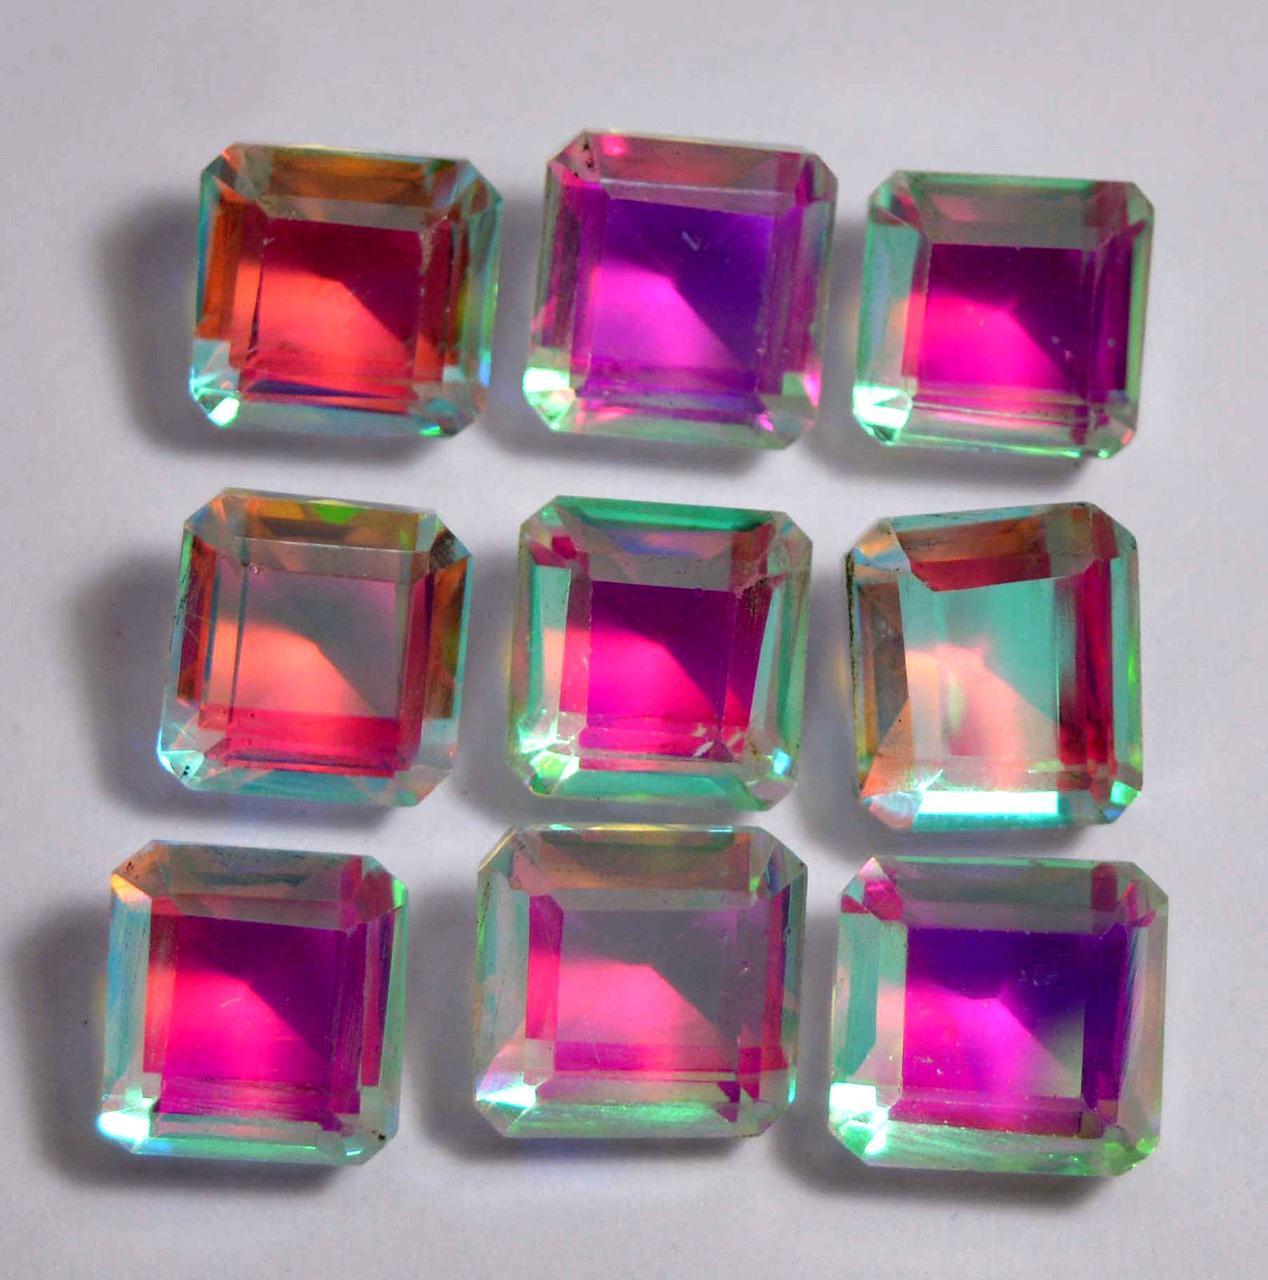 Натуральный радужный кварц 118.15 Ct   оптом 9 шт